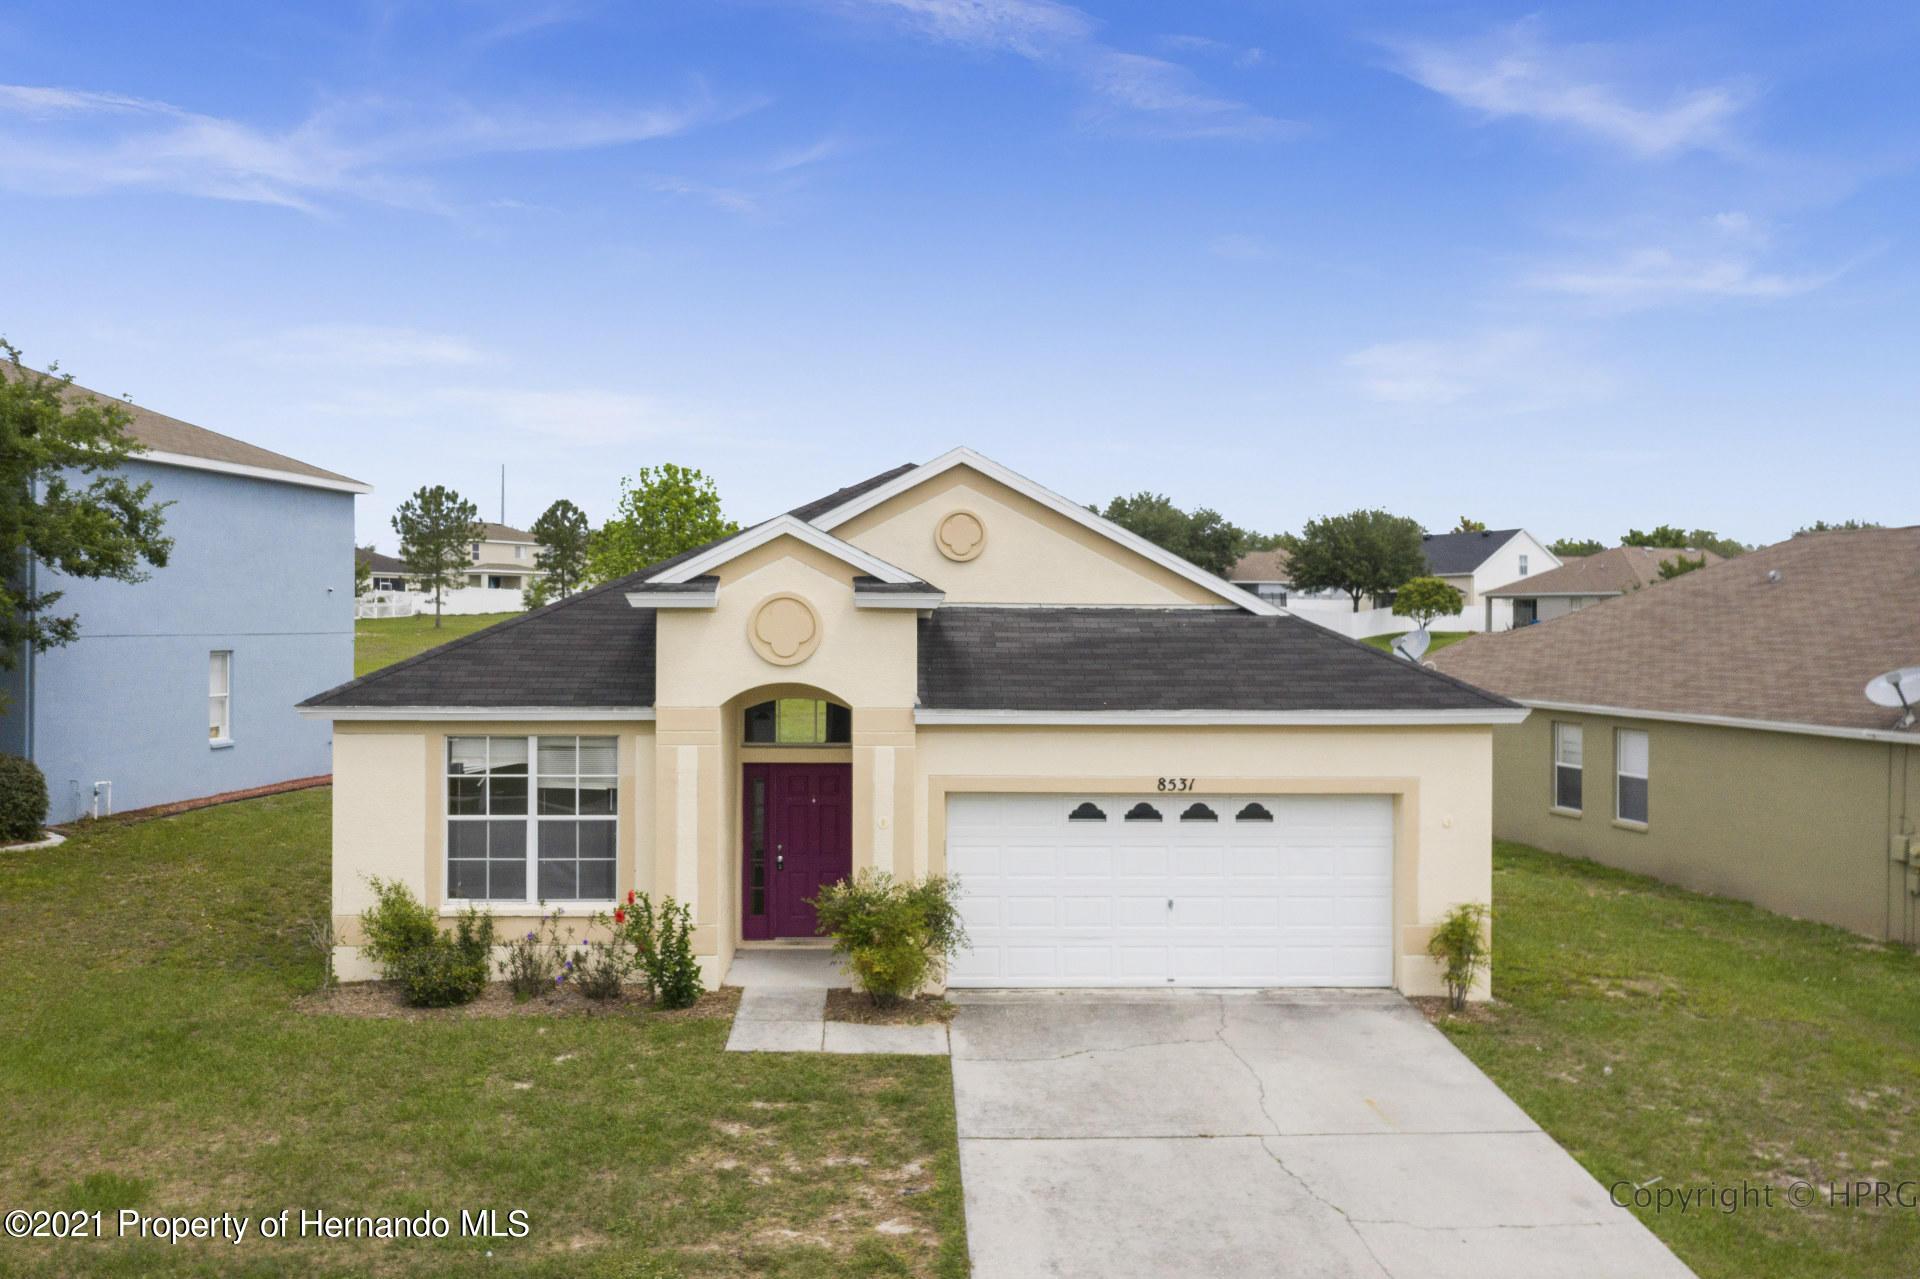 Details for 8531 Pinetop Ridge Lane, Brooksville, FL 34613